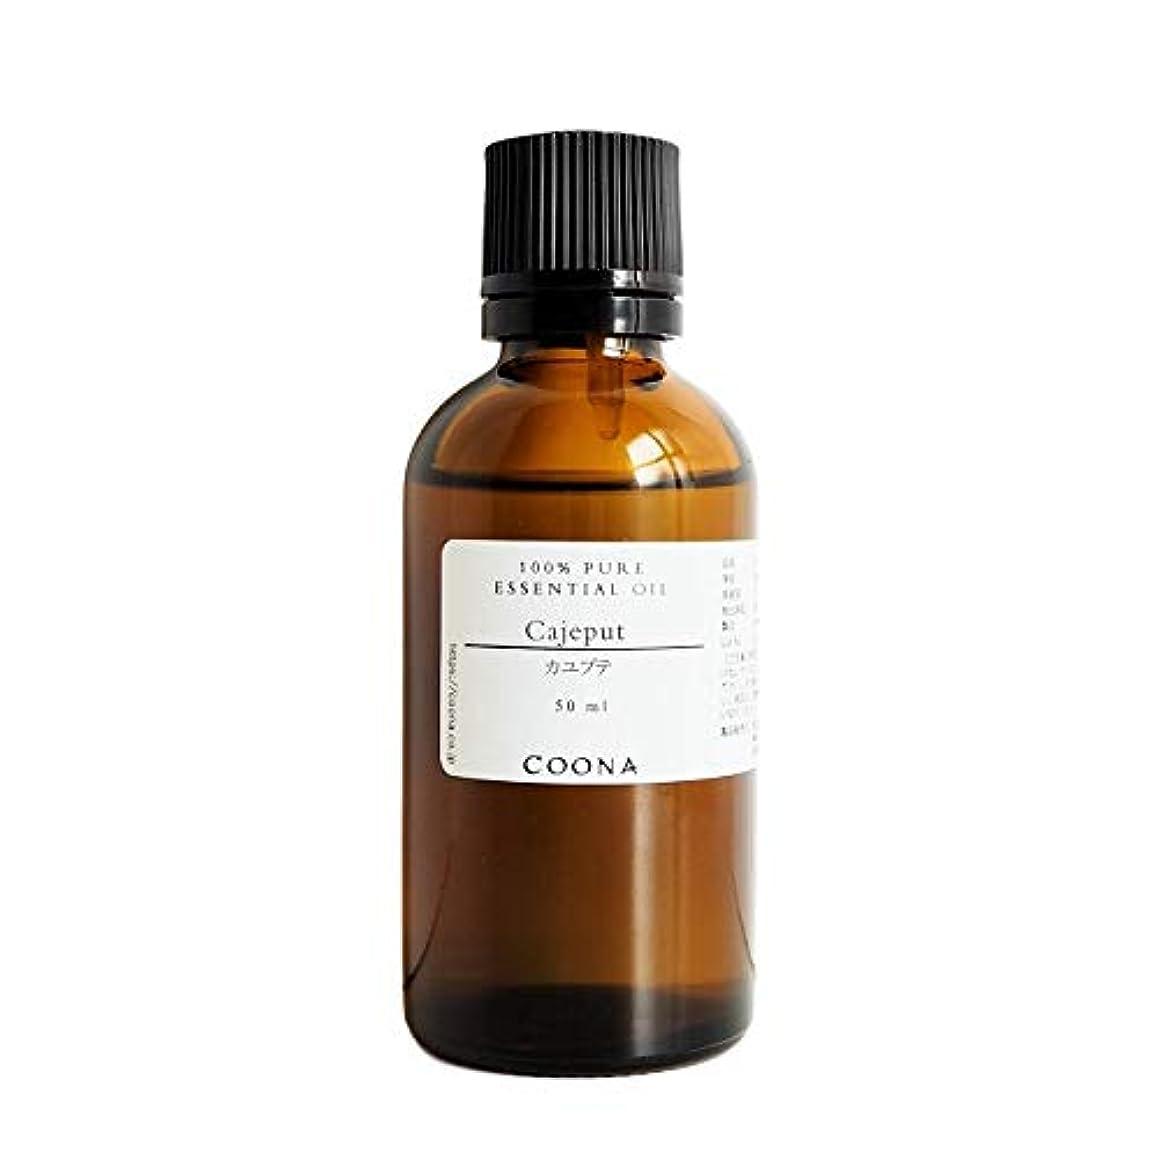 品種グロー継続中カユプテ 50 ml (COONA エッセンシャルオイル アロマオイル 100%天然植物精油)